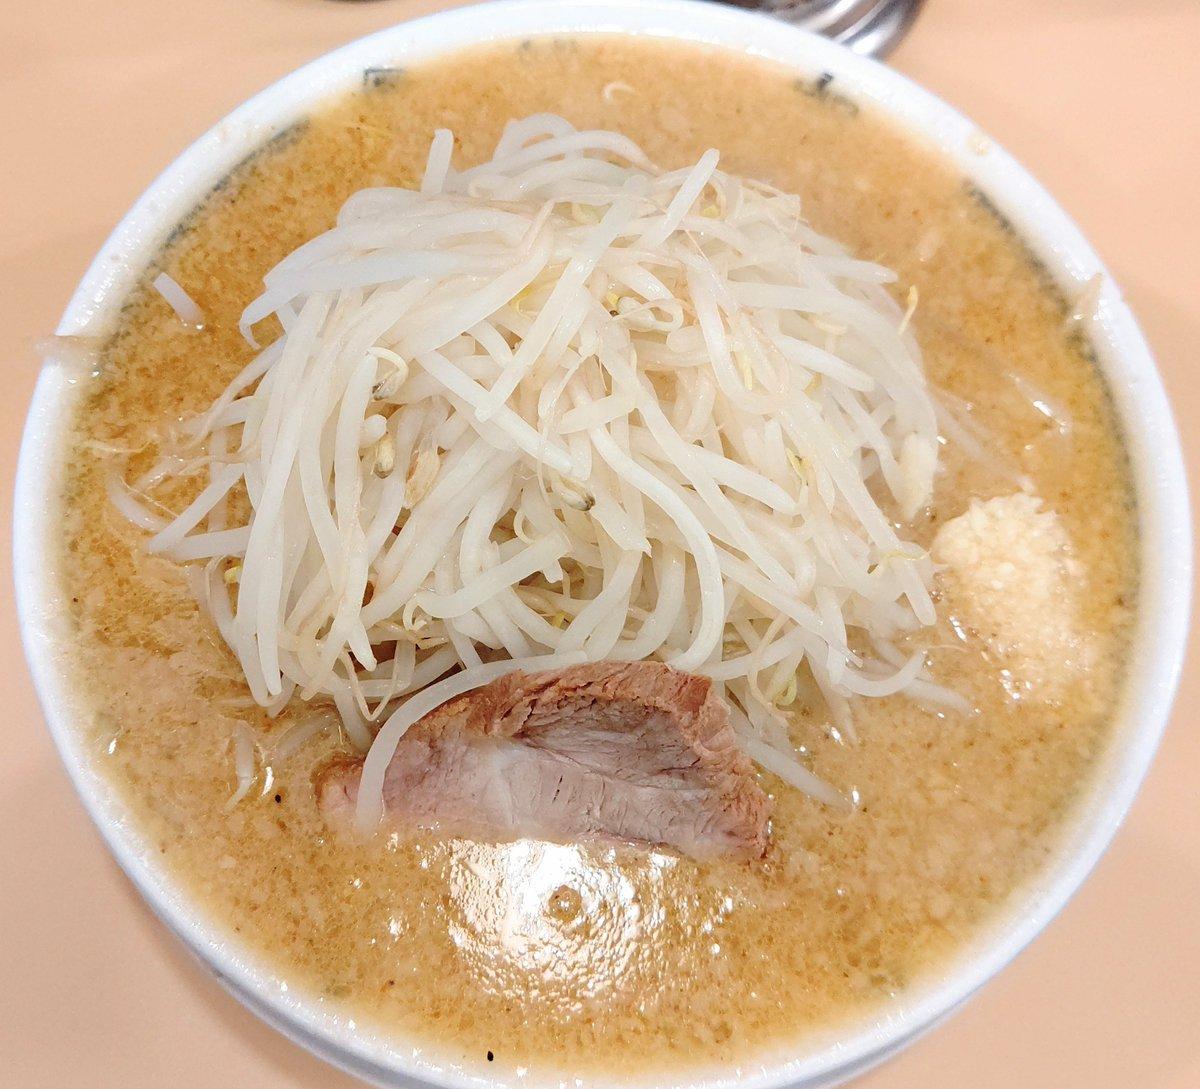 『らーめん 大【ダイ】』高円寺店  🔲 味噌らーめん ・麺半分 ・麺かため ・野菜多め ・ニンニク入り ・生姜抜き  麺を半分に出来るの嬉しい